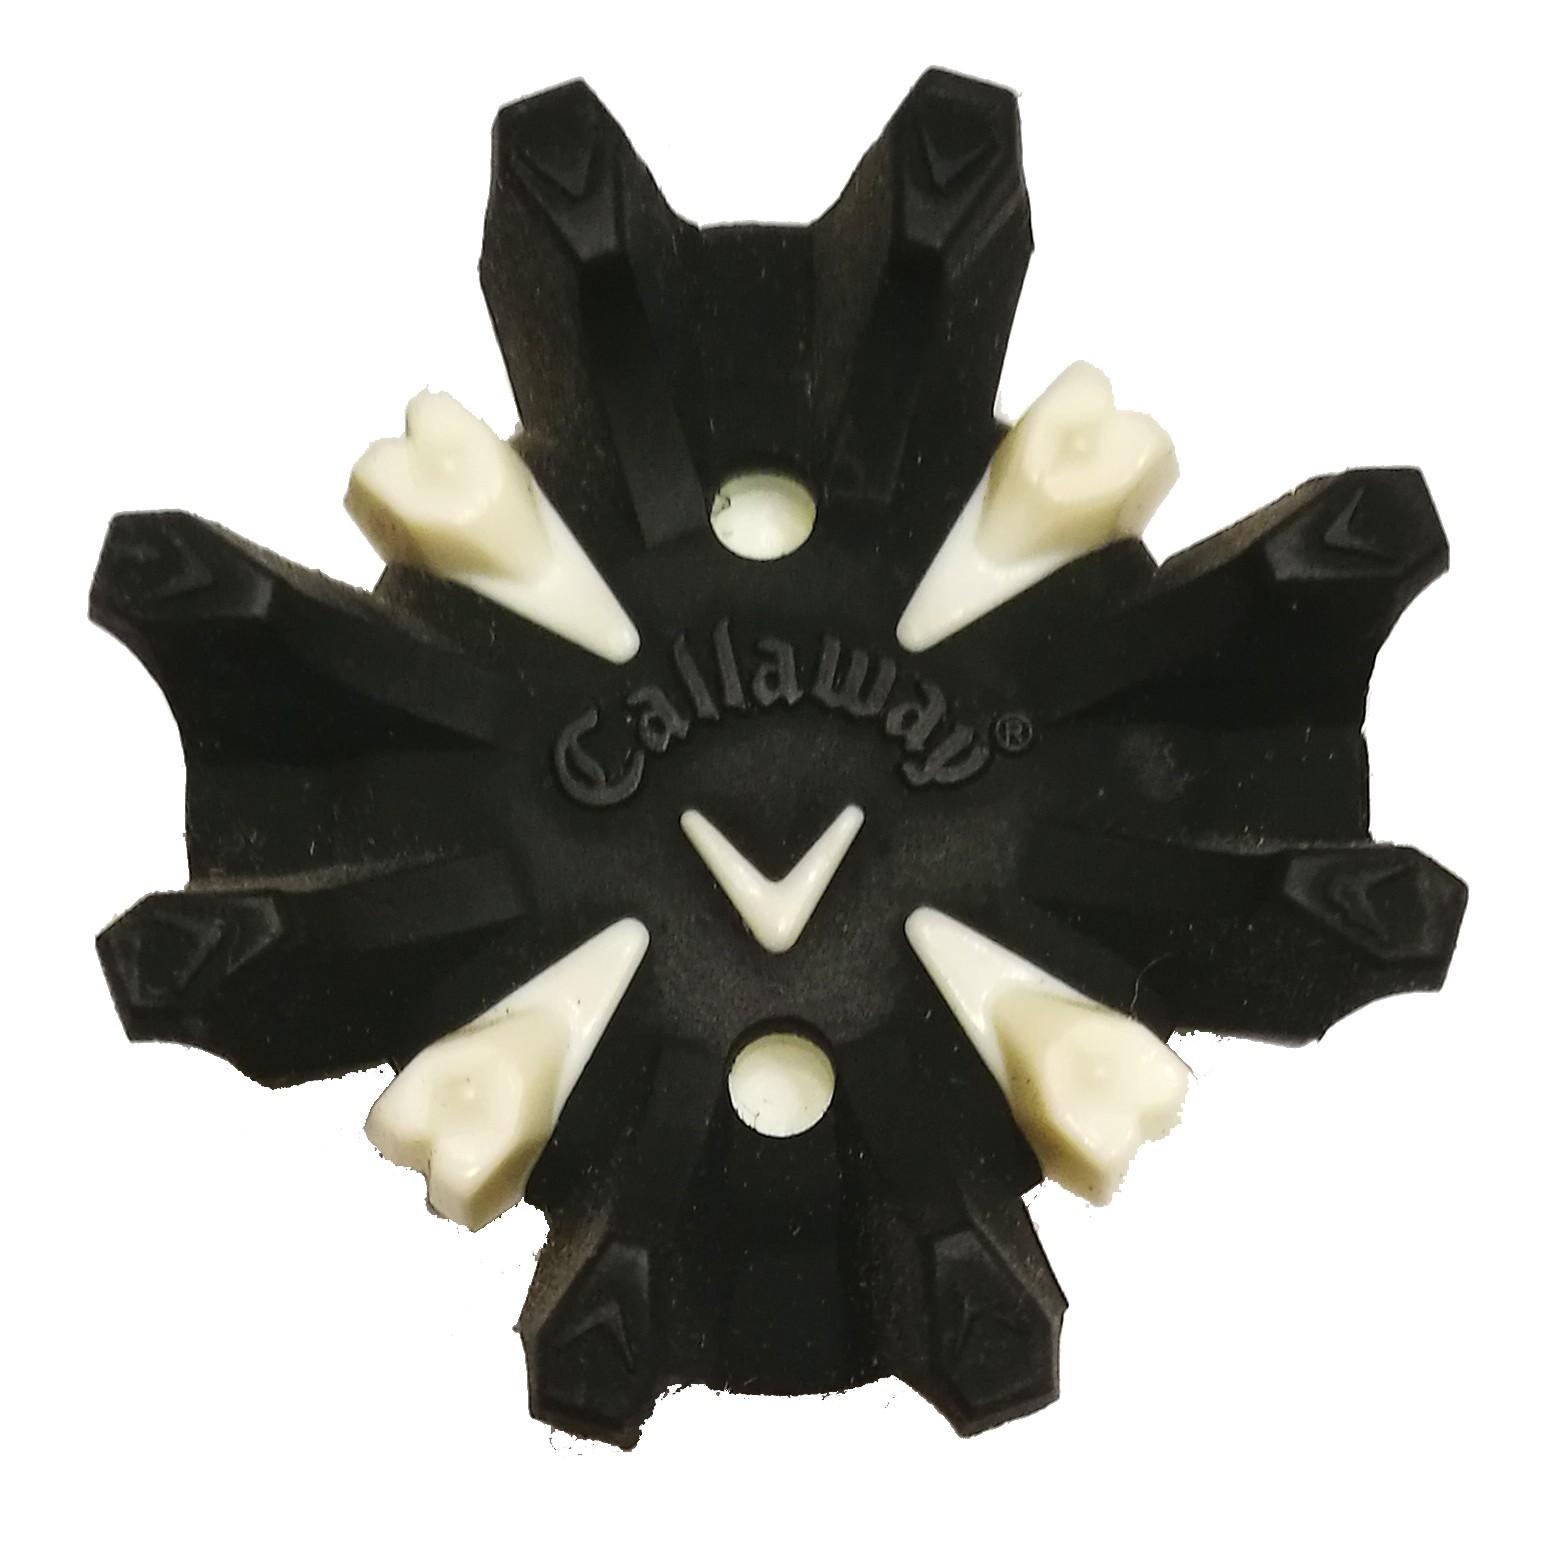 a7380757762b6 Spikes Callaway Blanco y Negro para zapatos de golf